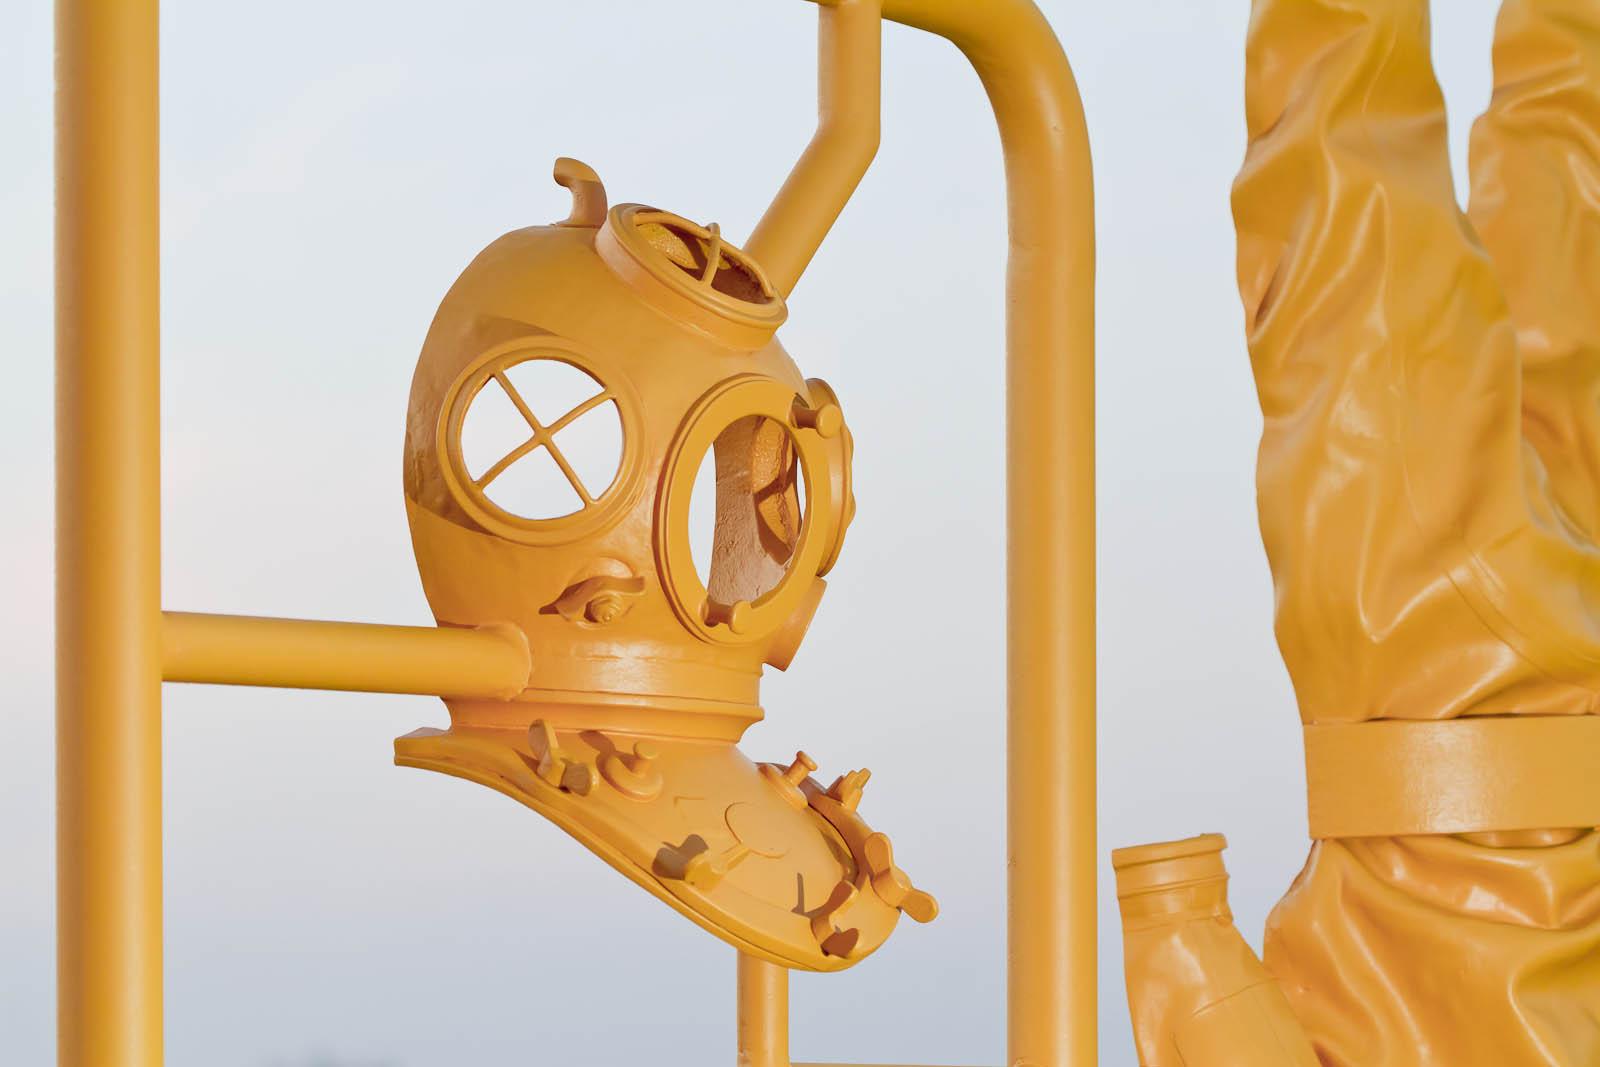 Främre hälften av en gammaldags dykarhjälm, i gul plast. Del av en modellbyggsats i skala 1:1. Michael Johansson, Some Assembly Required - Hard Hat Diving